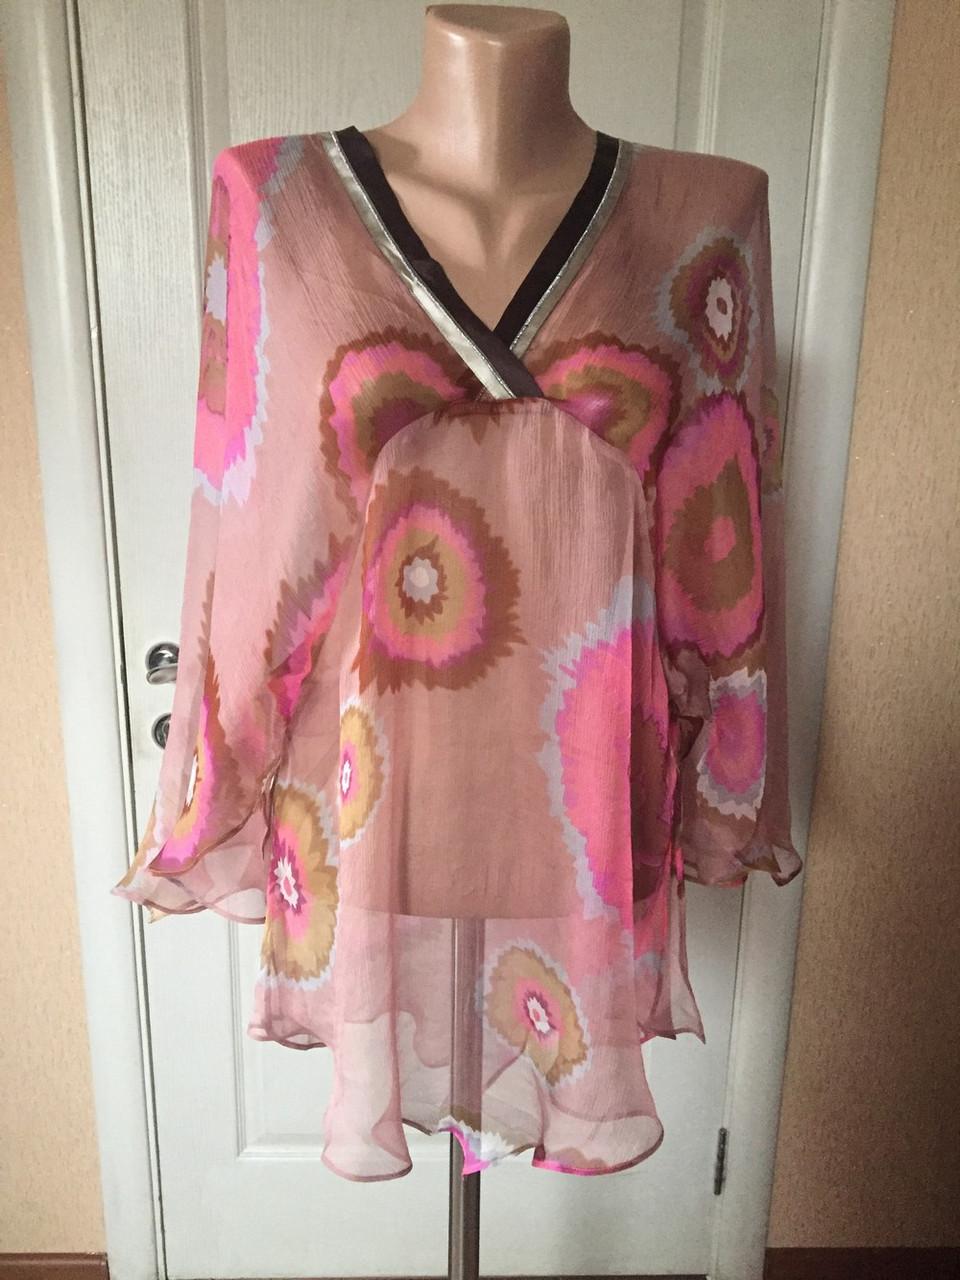 bcc68576544 Блуза - туника женская легкая летняя длинный рукав Snake Milano - Интернет  -магазин женской и